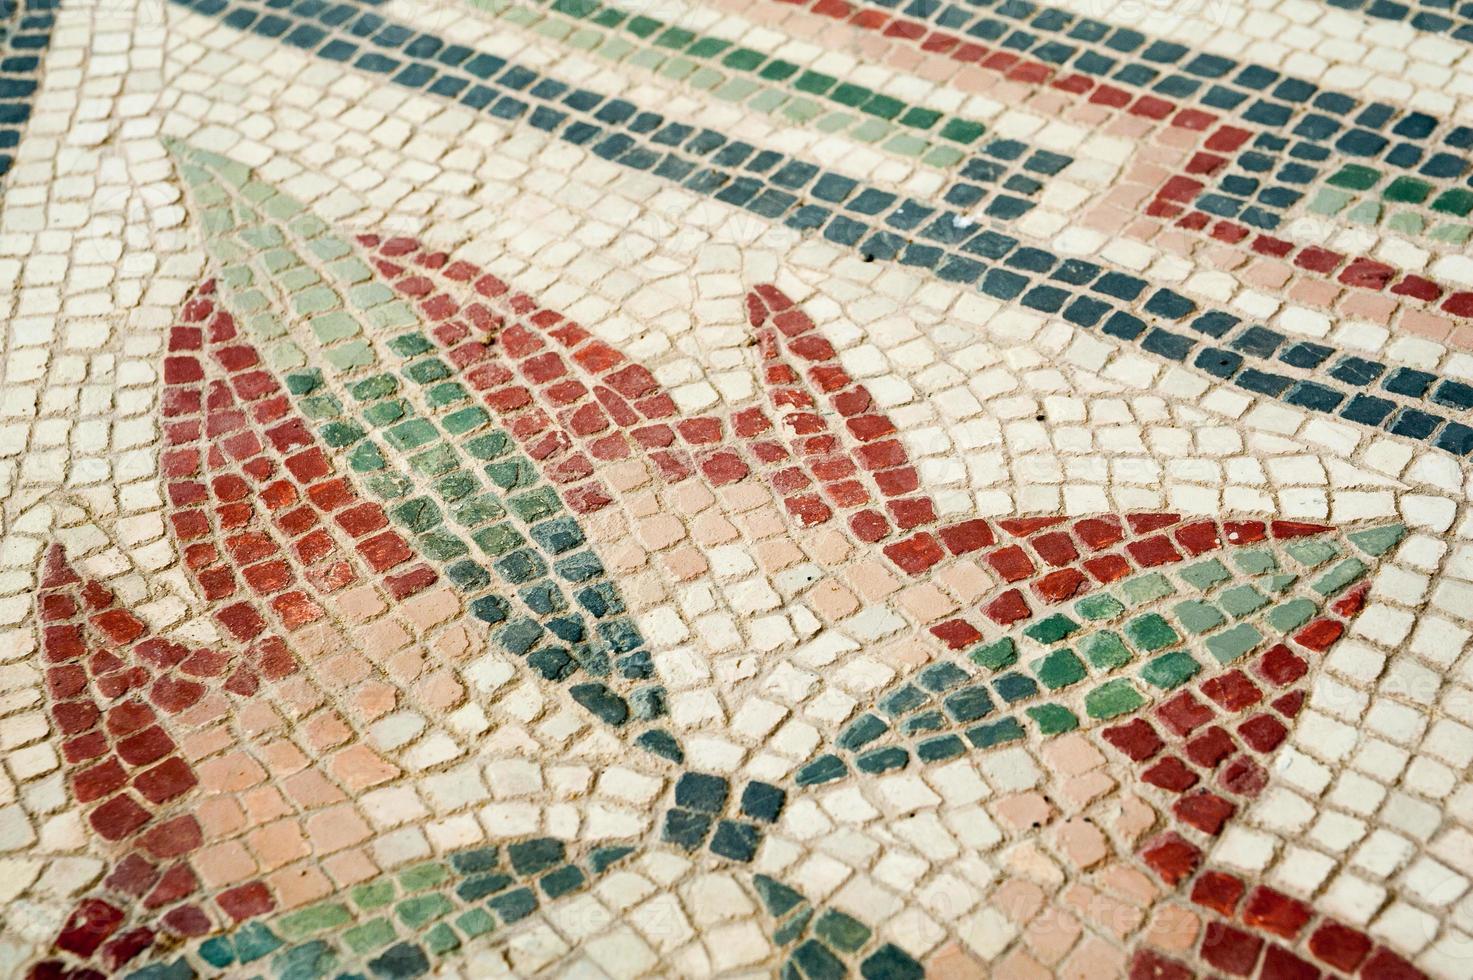 Romeinse mozaïeken foto